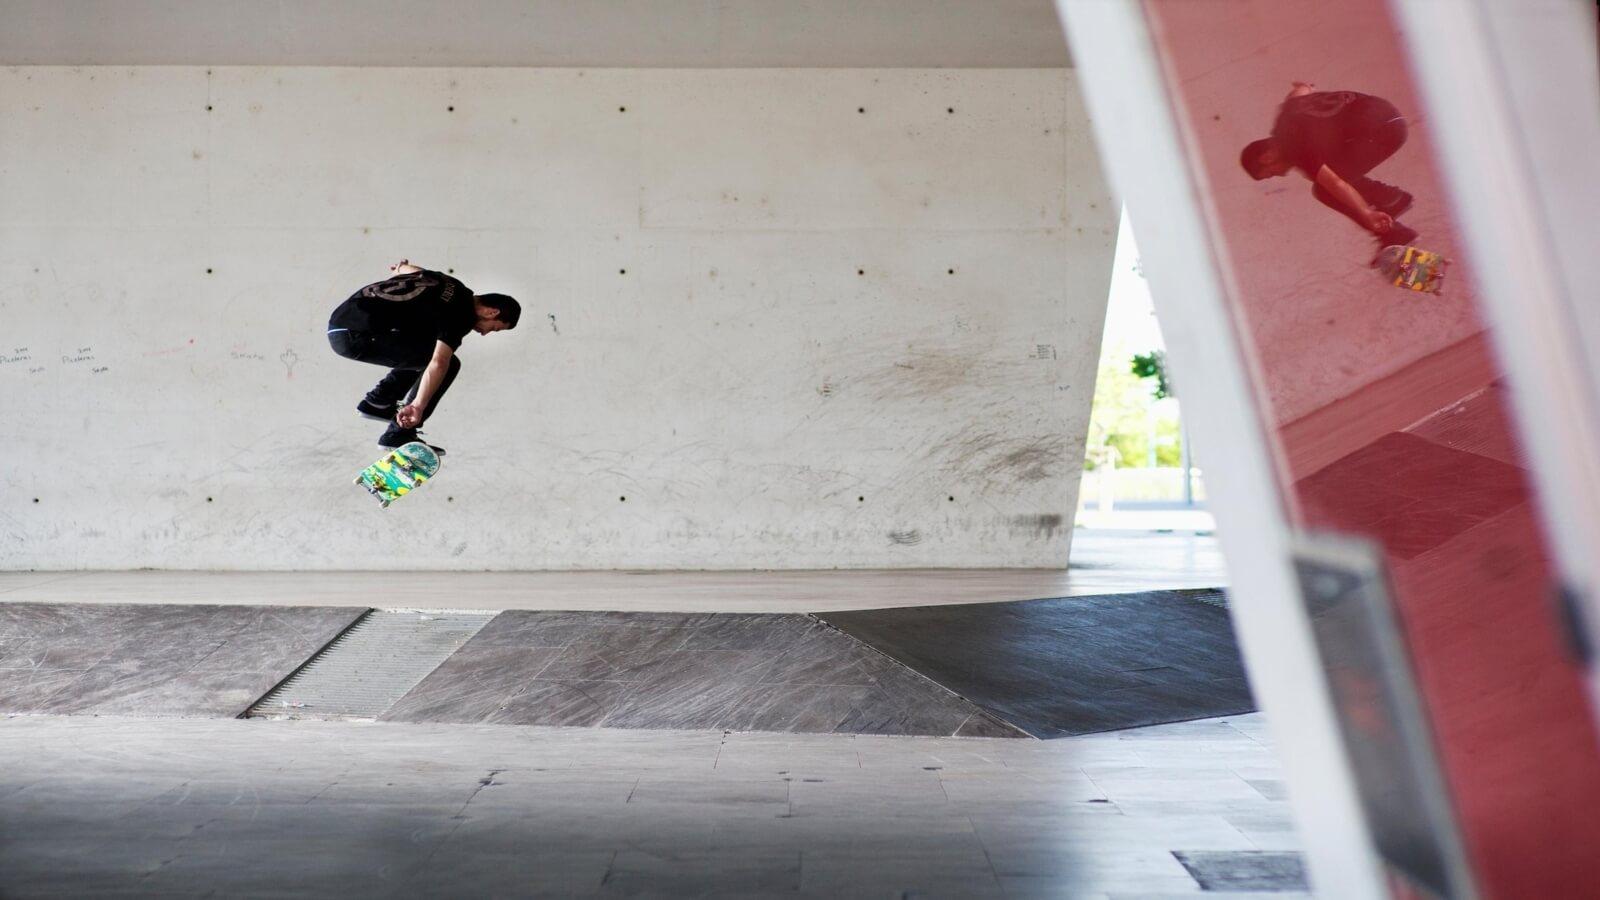 Esteban Velarde el creador en fotografía skate